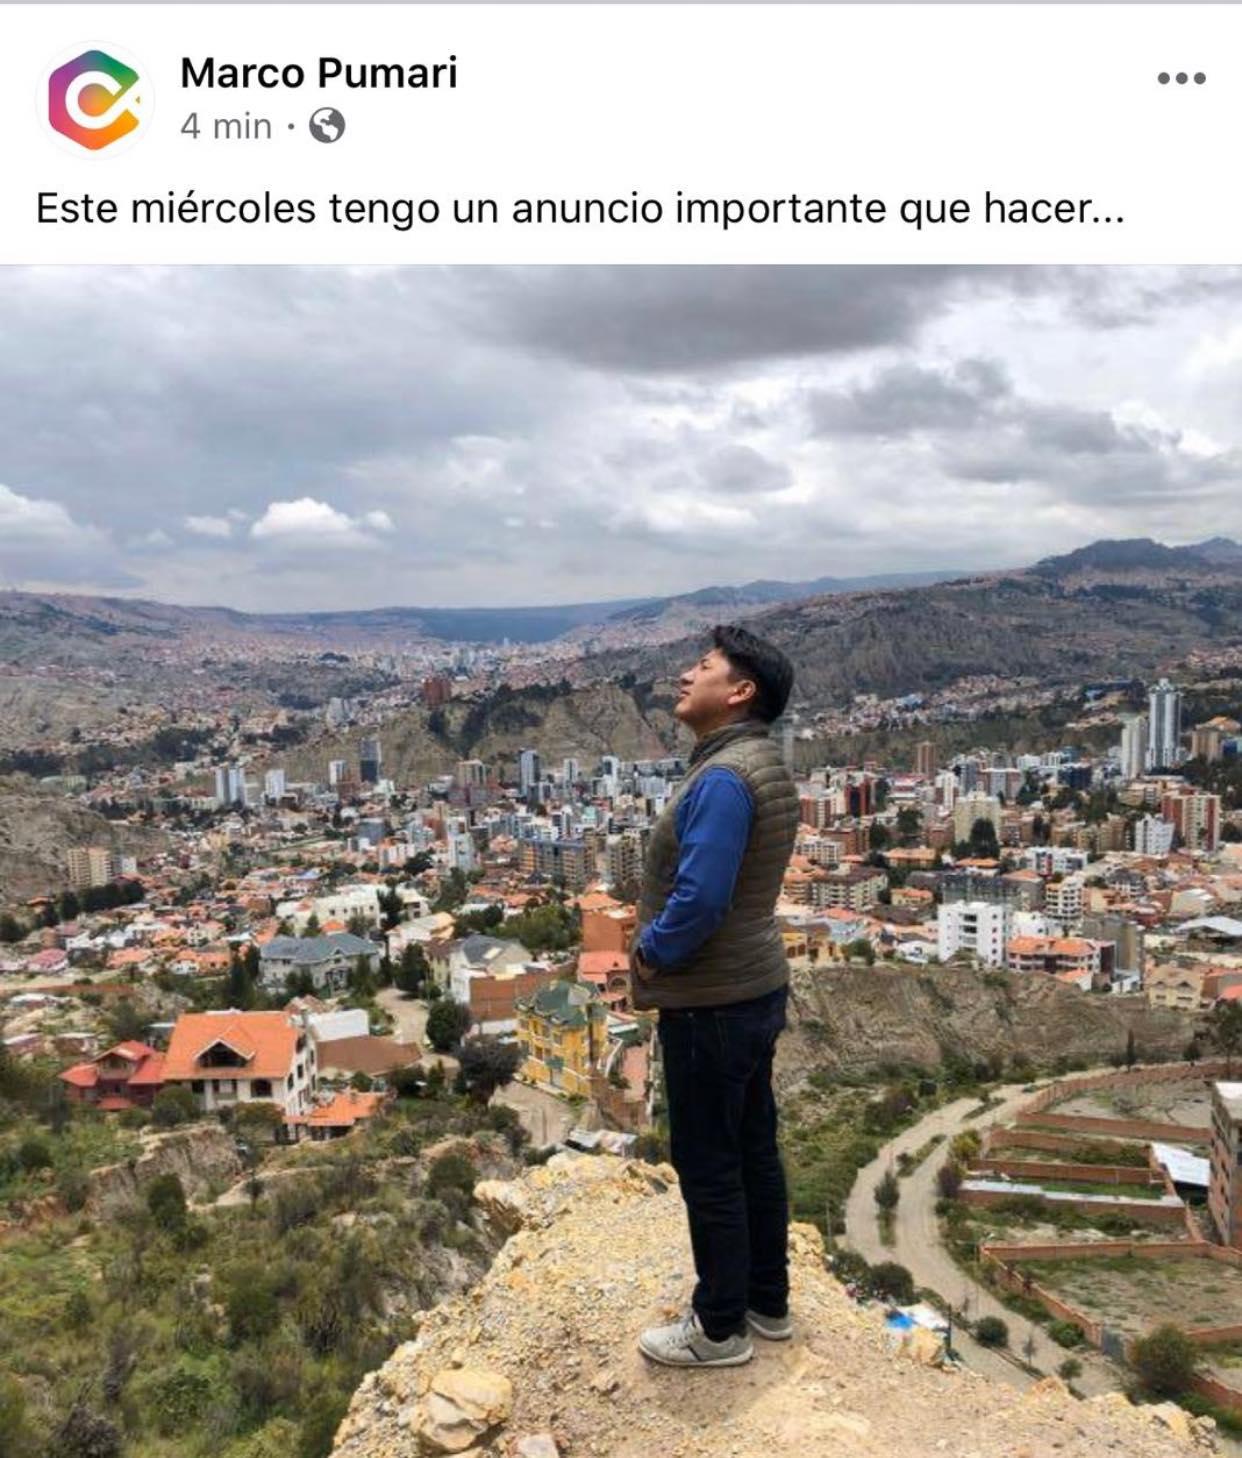 Anuncio posencuestas de Pumari